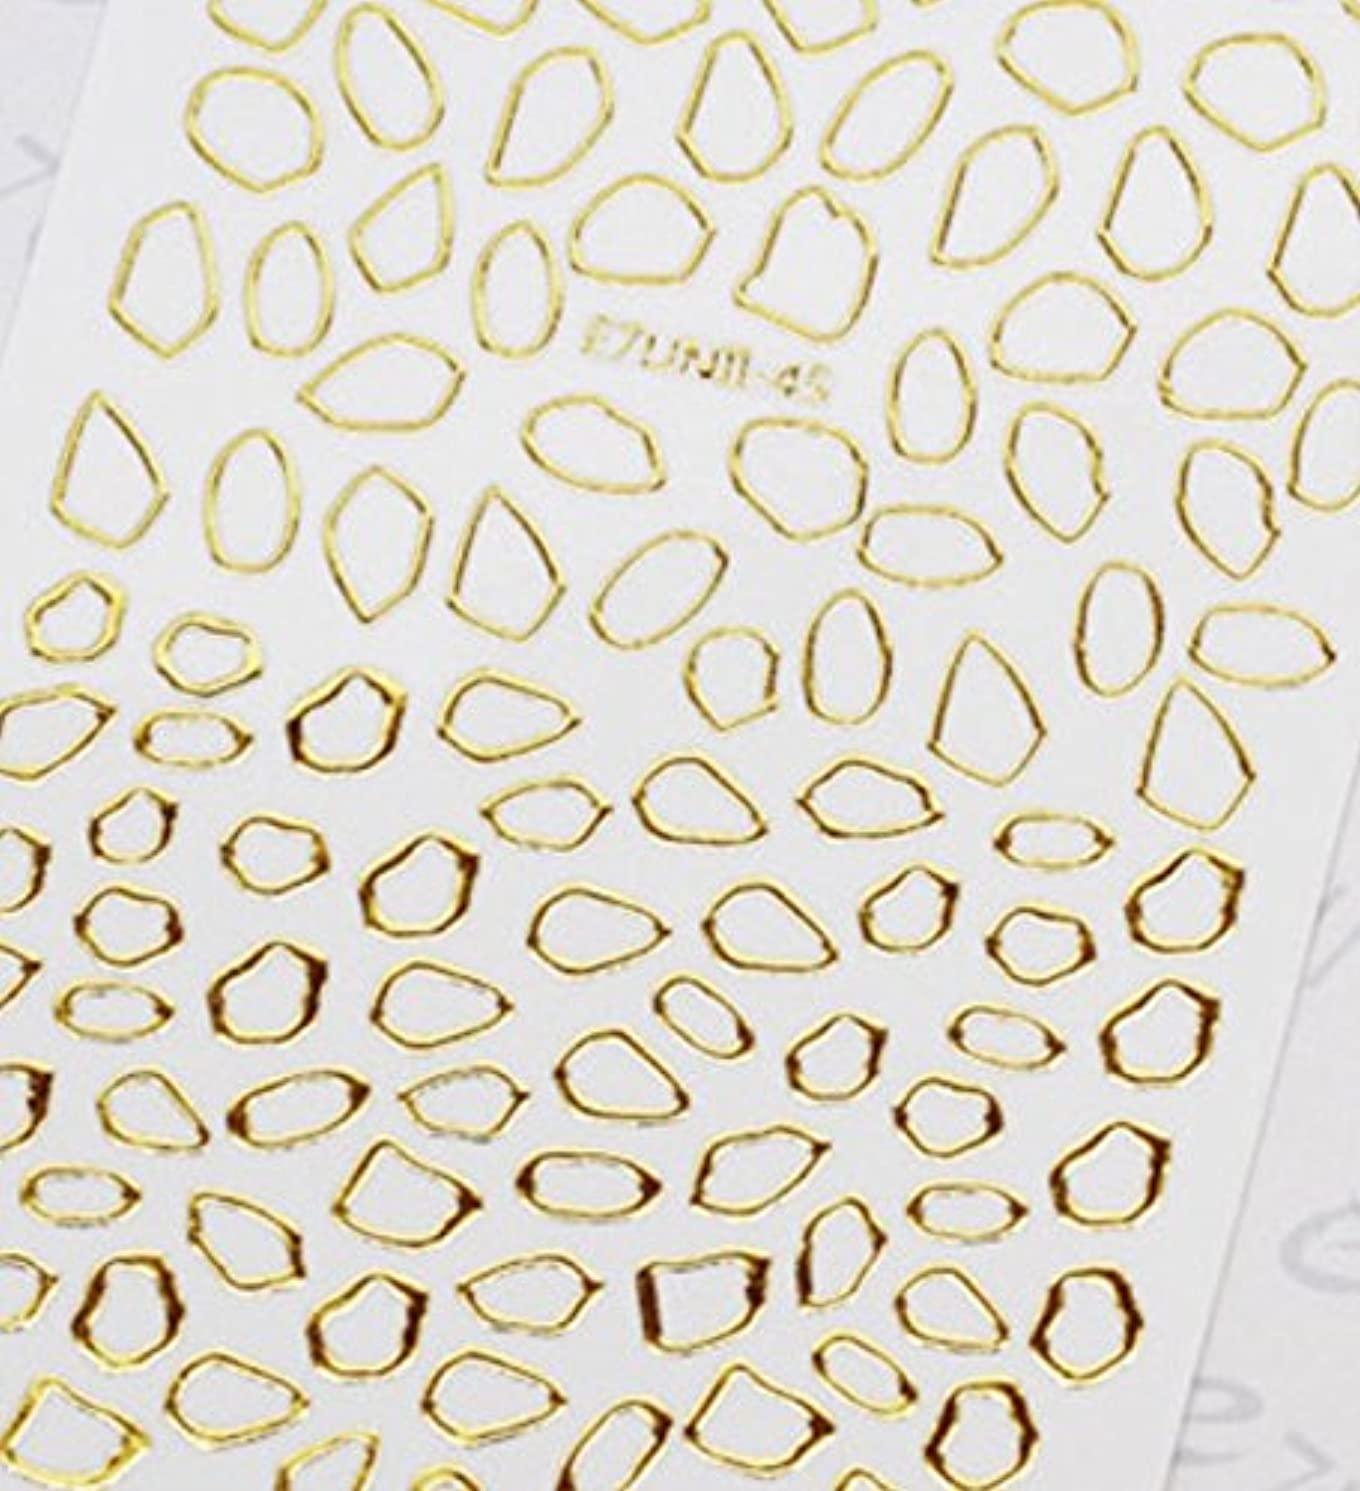 決定するコンピューターを使用する興奮極薄直接貼るタイプ ネイルシール スティッカー 枠 変形フレーム 垂らしこみアート用 多種多様なデザインに対応可能 ゴールド 金色 45番